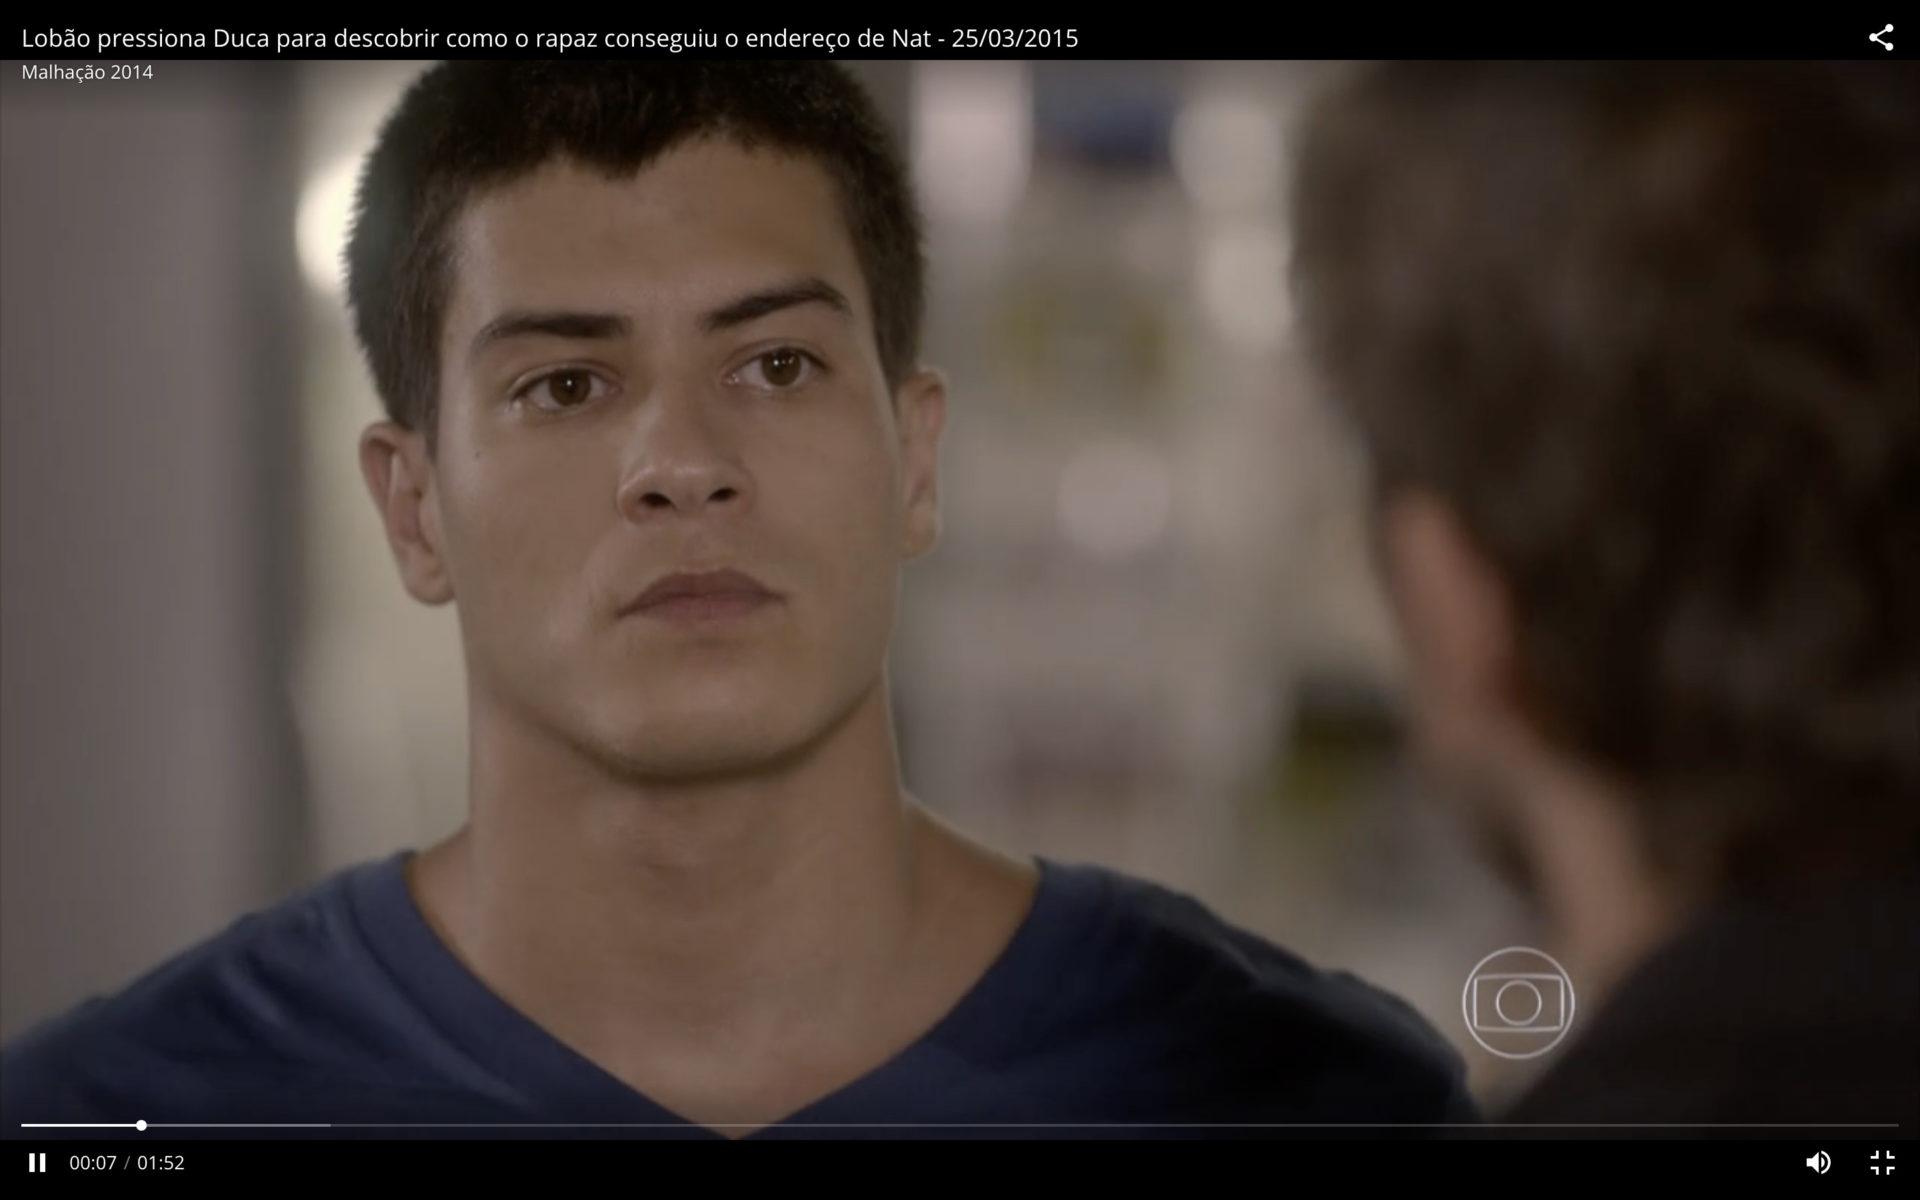 Malhação Sonhos - Lobão (Marcelo Faria) confronta Duca (Arthur Aguiar) sobre o paradeiro de Nat (Maria João)